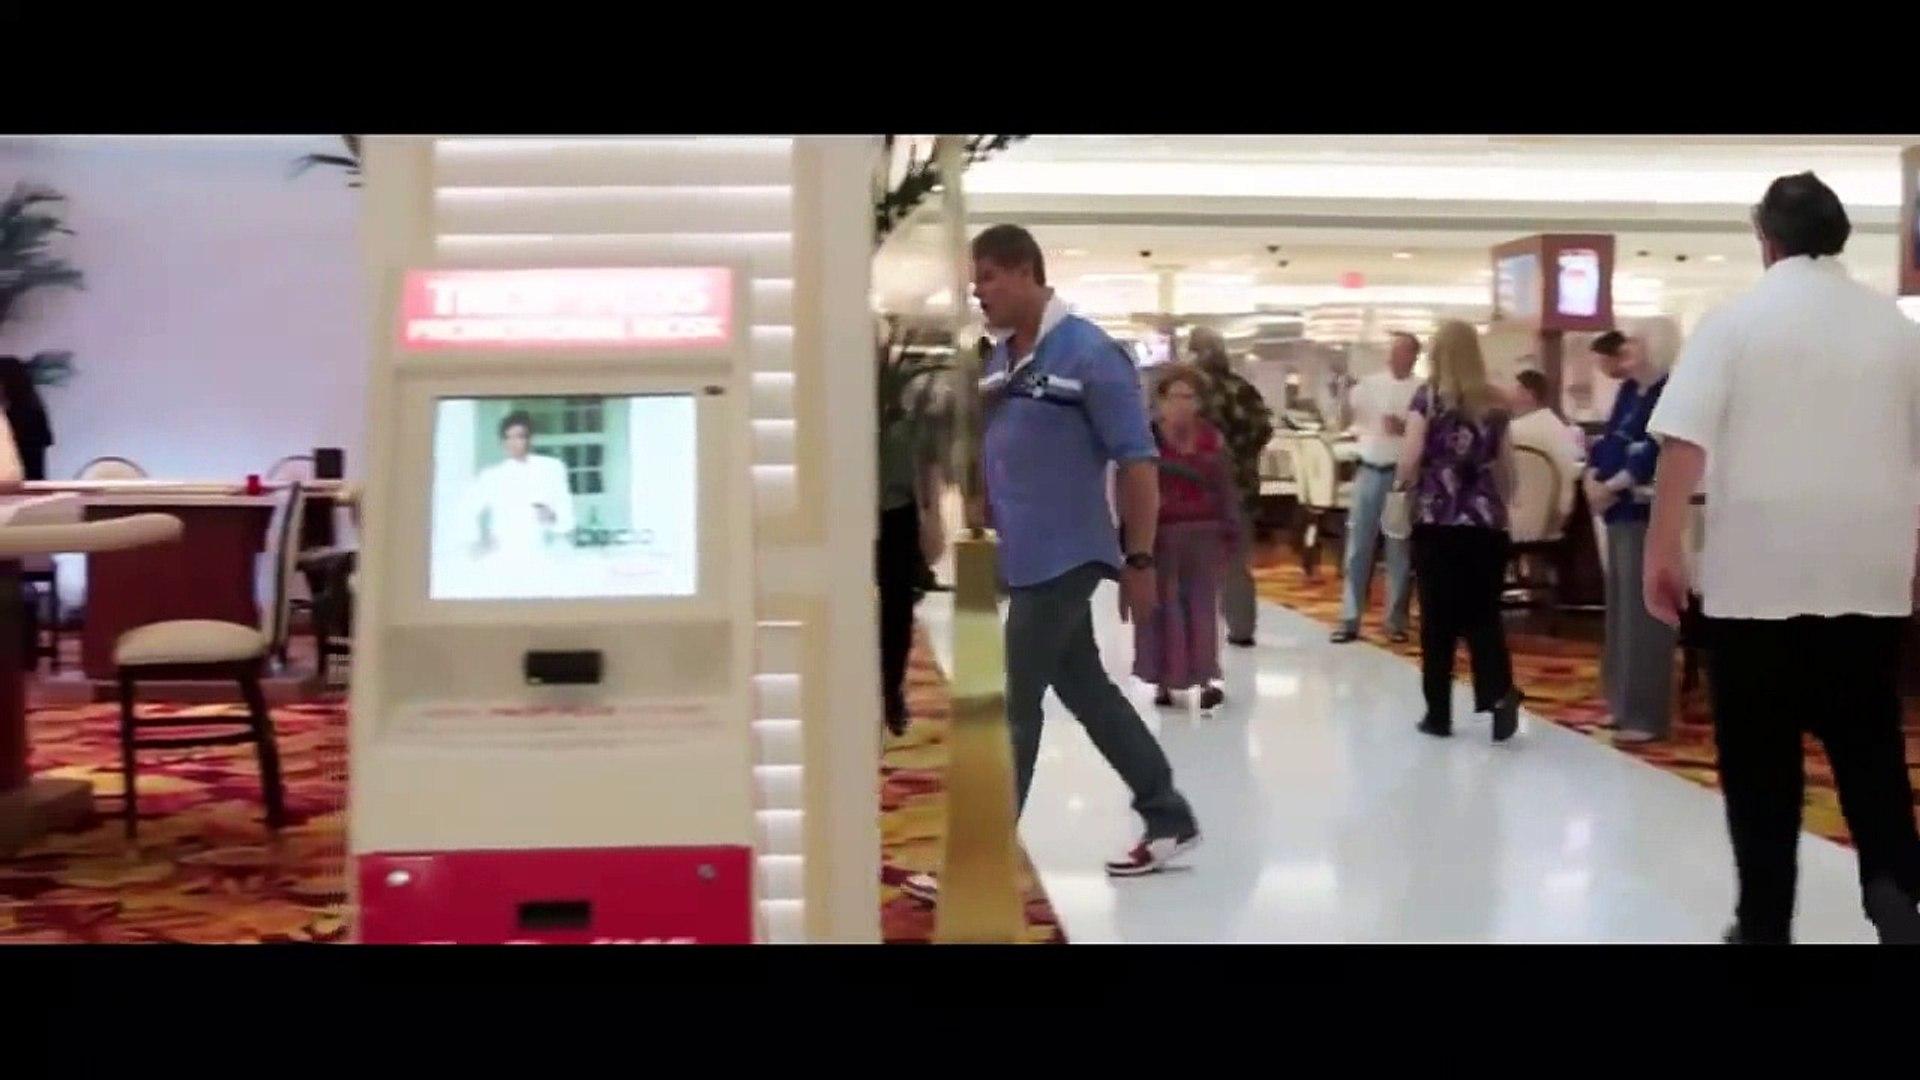 ЧЁРНЫЕ КОМЕДИИ 2017 ДЖЕКПОТ (2017) РУСКАЯ КОМЕДИЯ ФИЛЬМ HD 1 ЧАСТЬ ПЕРВАЯ СЕРИЯ